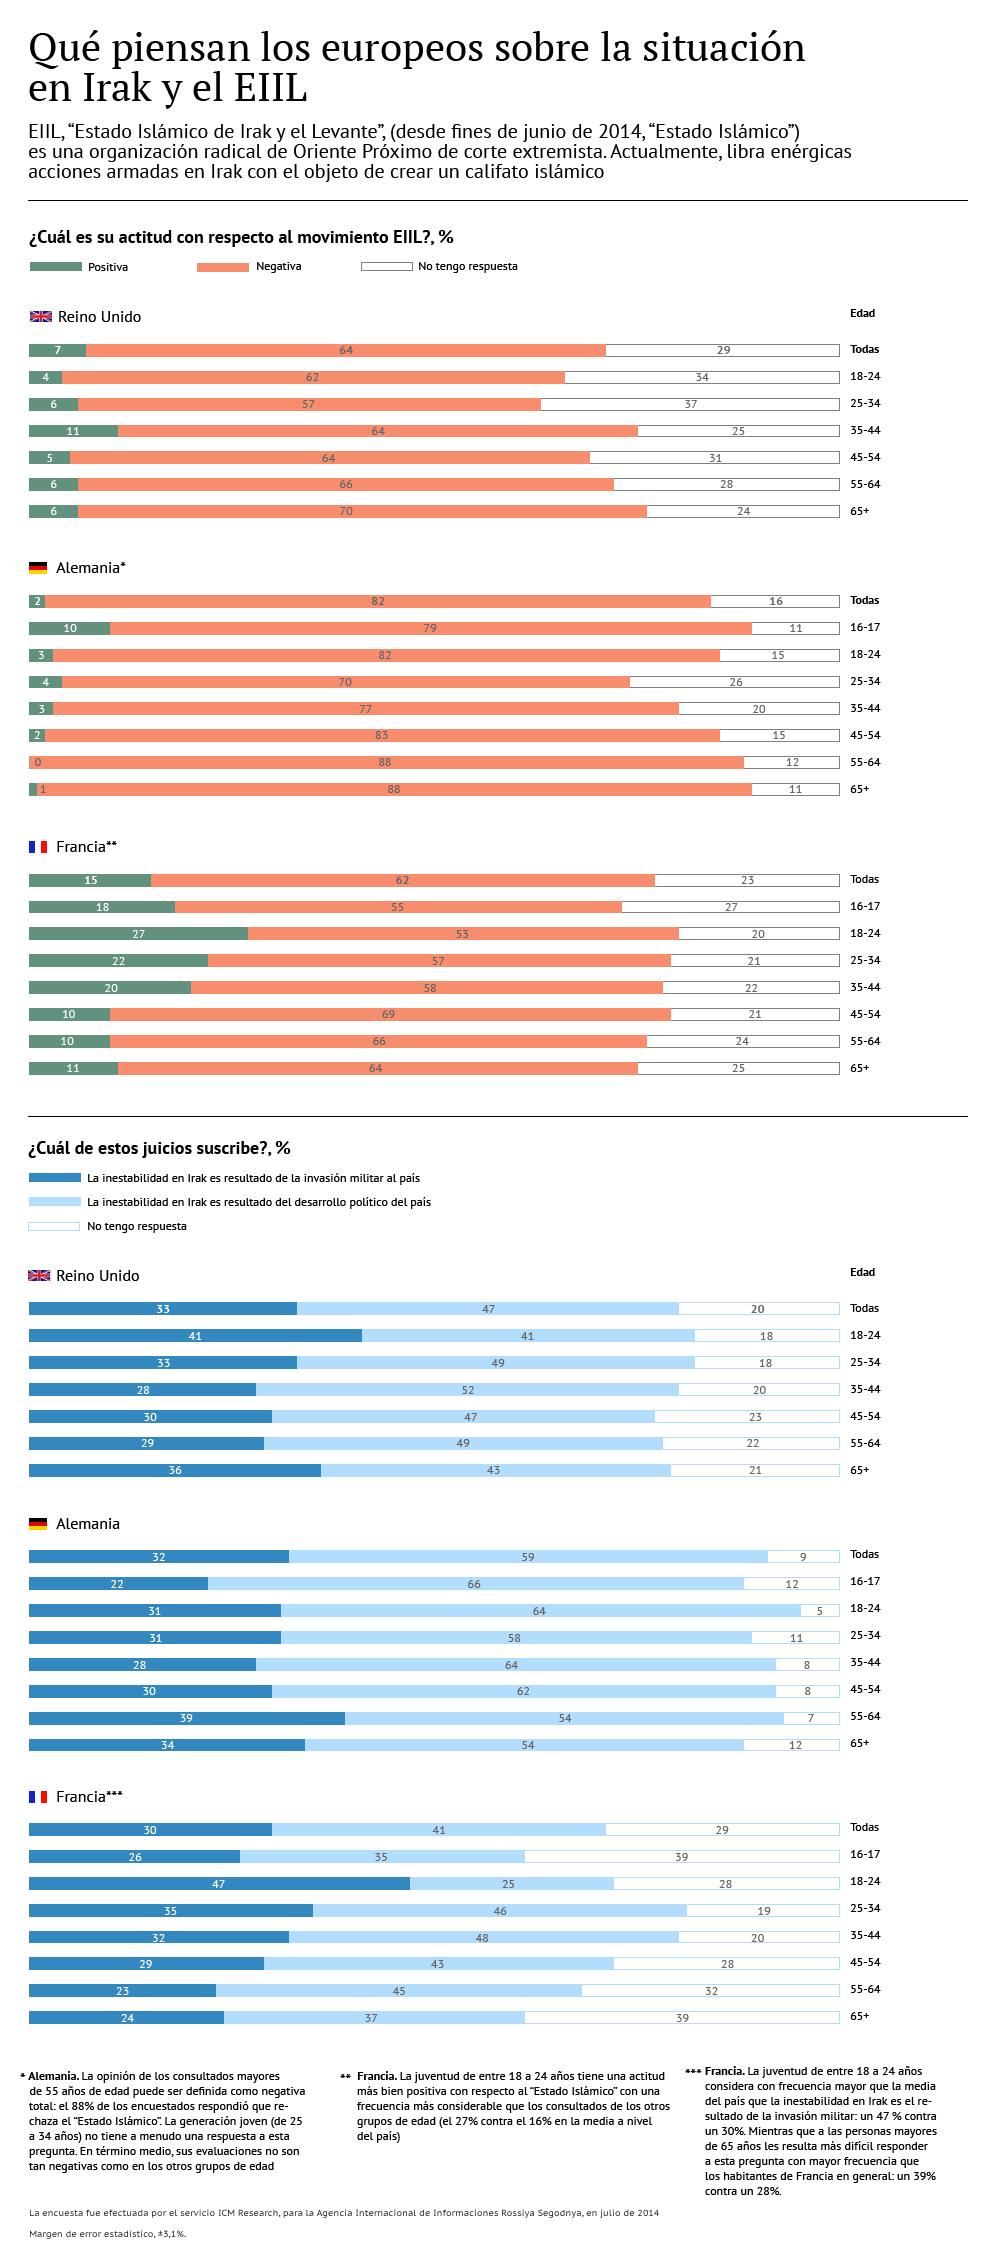 Qué piensan los europeos sobre la situación en Irak y del EIIL - Sputnik Mundo